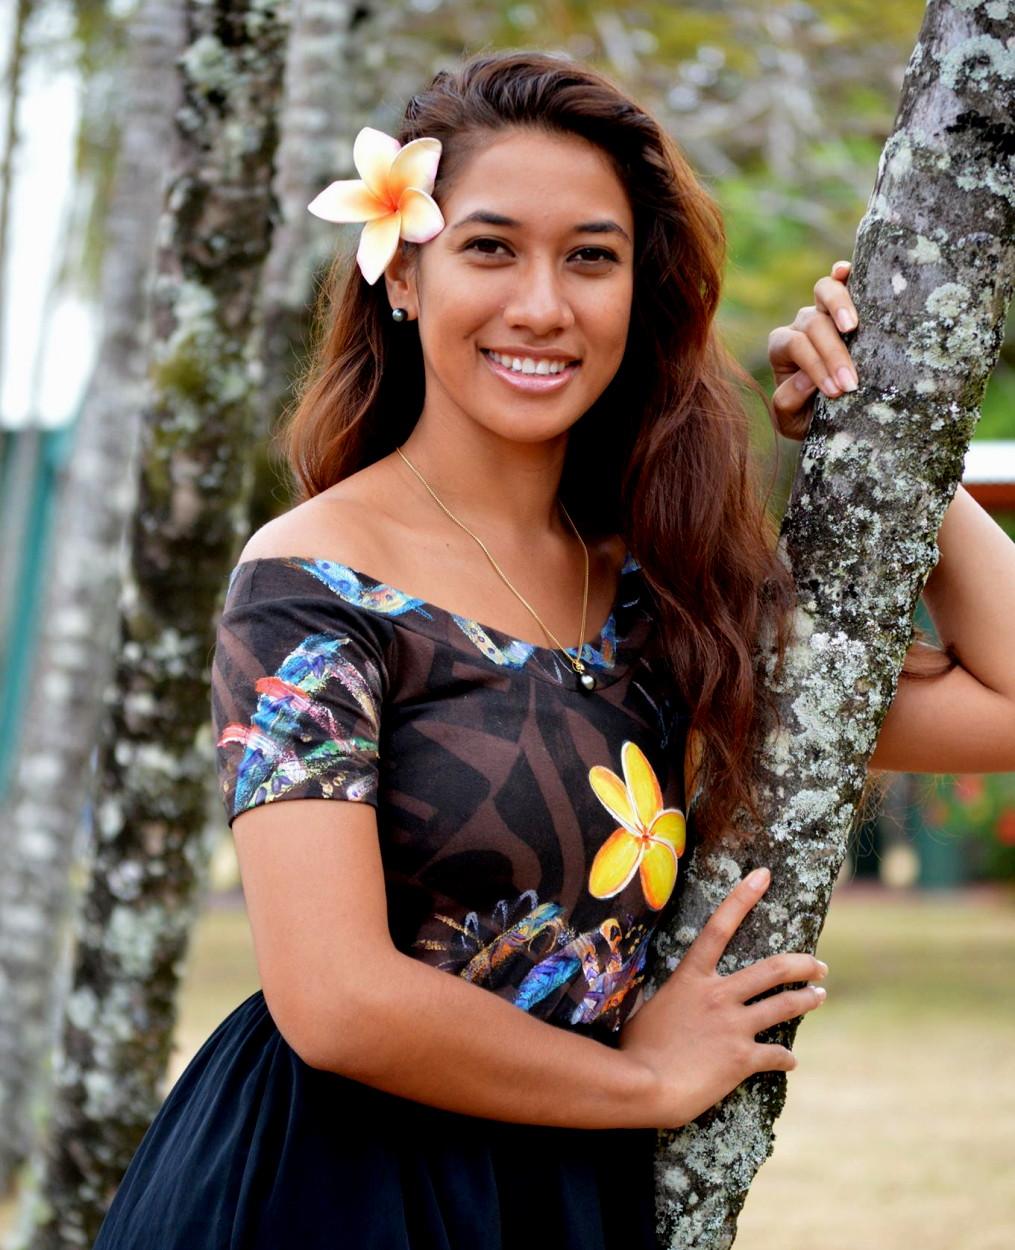 Teuira Napa, 20 ans, couronnée Miss Pacifique Sud 2013